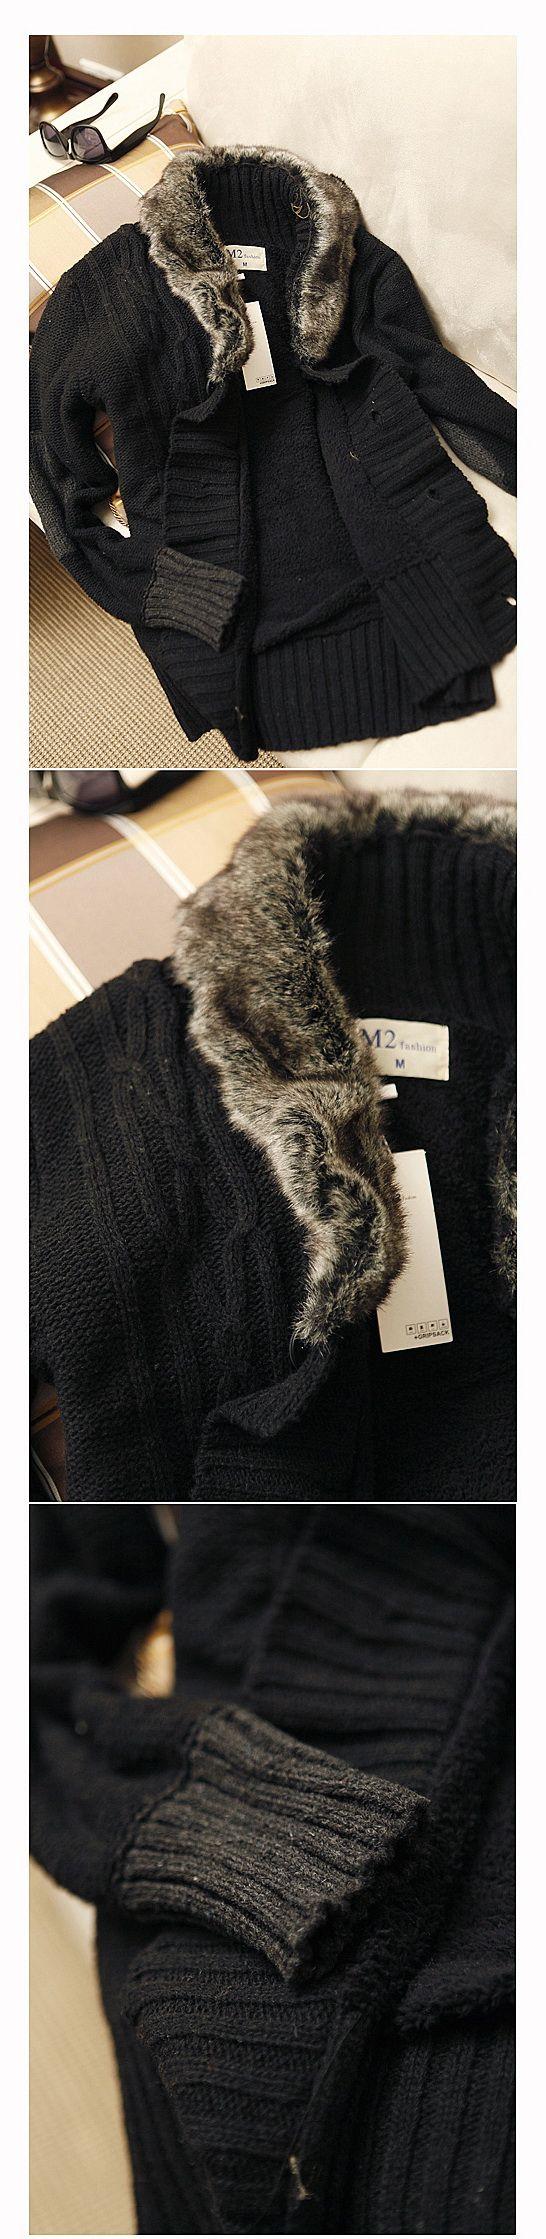 เสื้อกันหนาวพร้อมส่ง : แจ๊คเก็ตนิตต์ปก fur